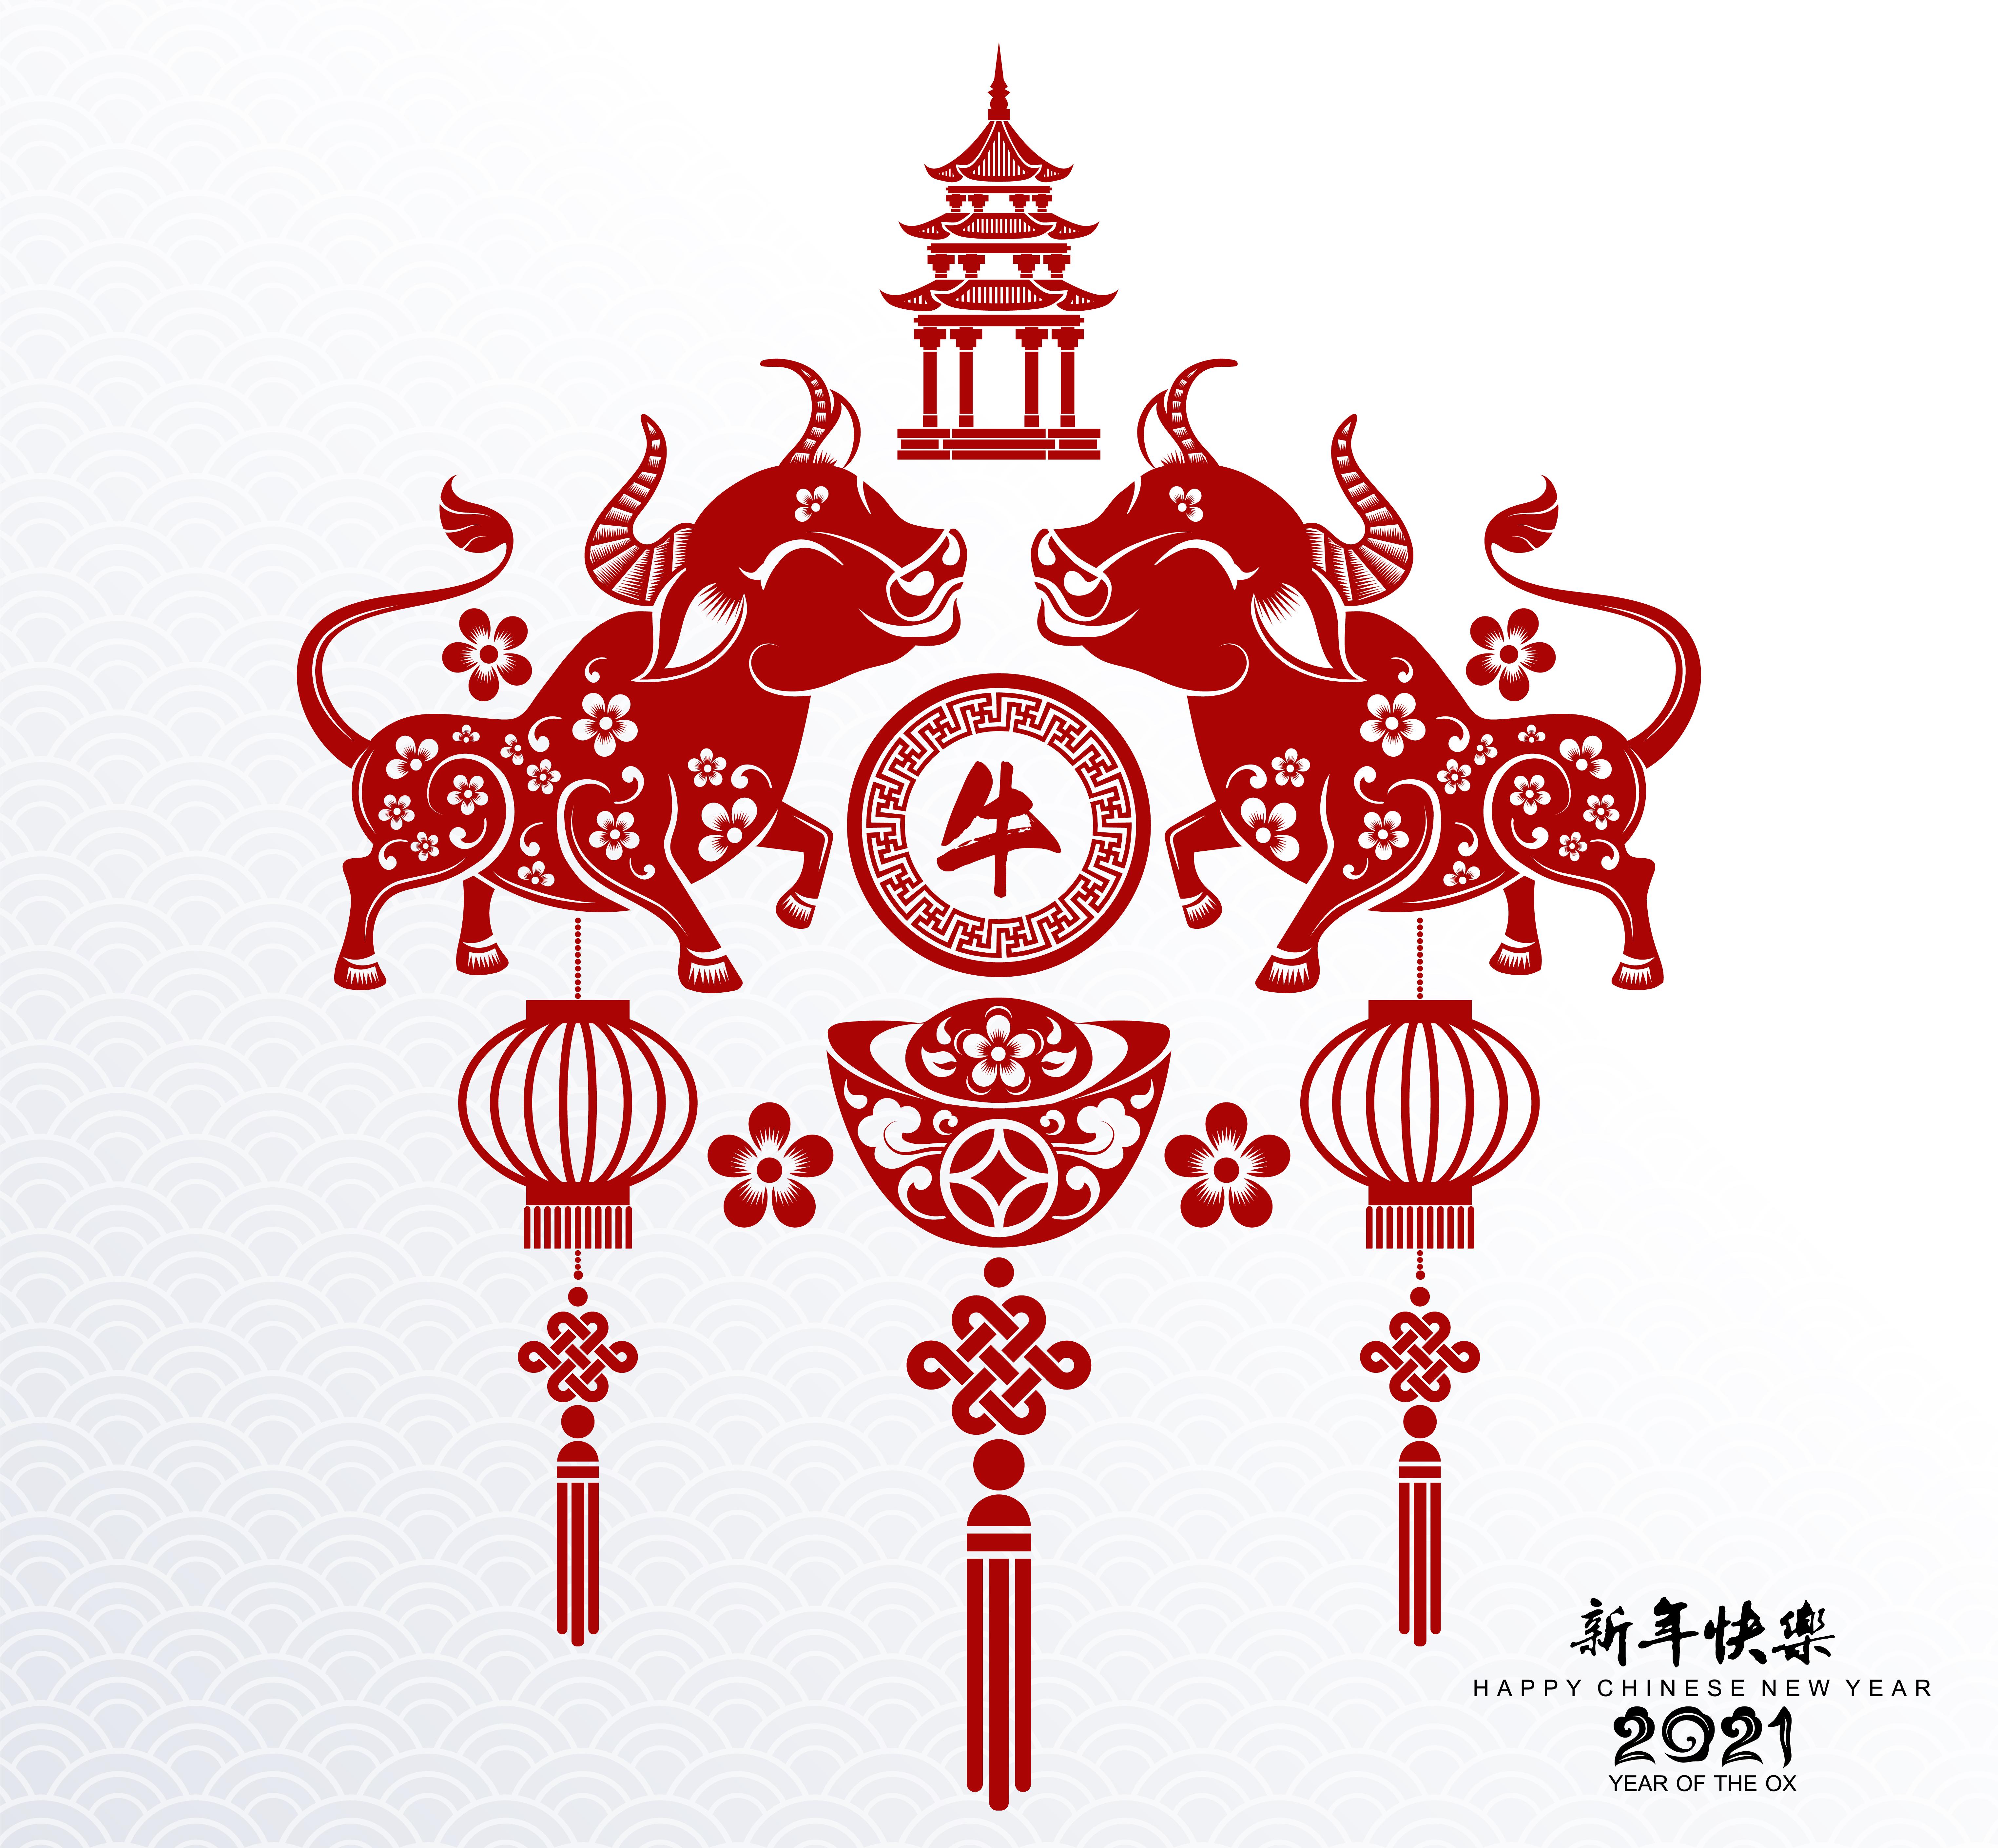 Lunar new year horoscope 2021